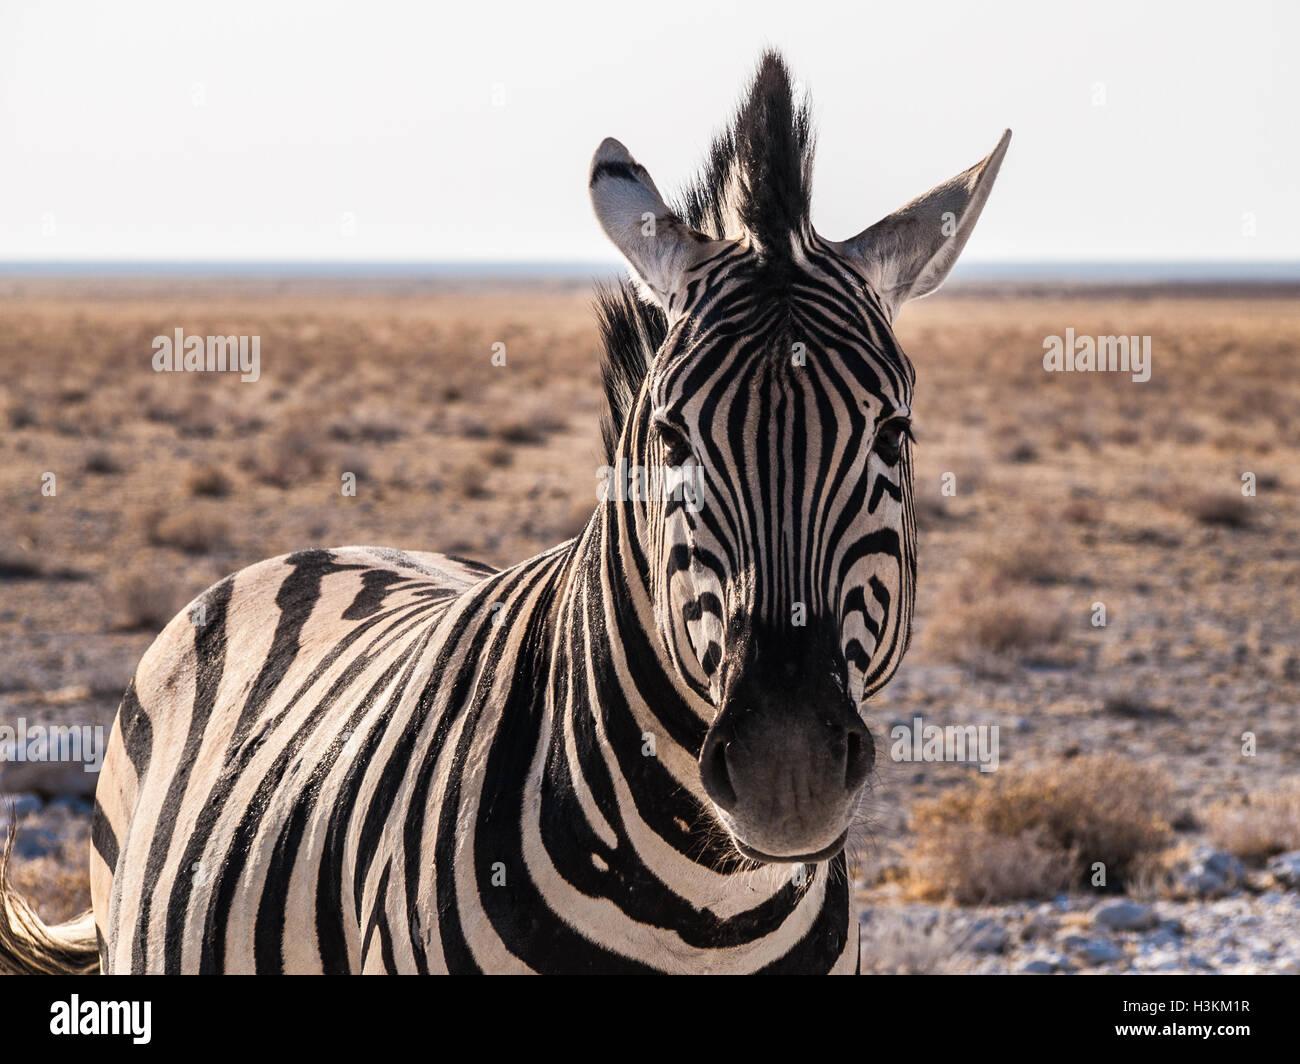 Zebra in the Etosha National Park, Namibia - Stock Image